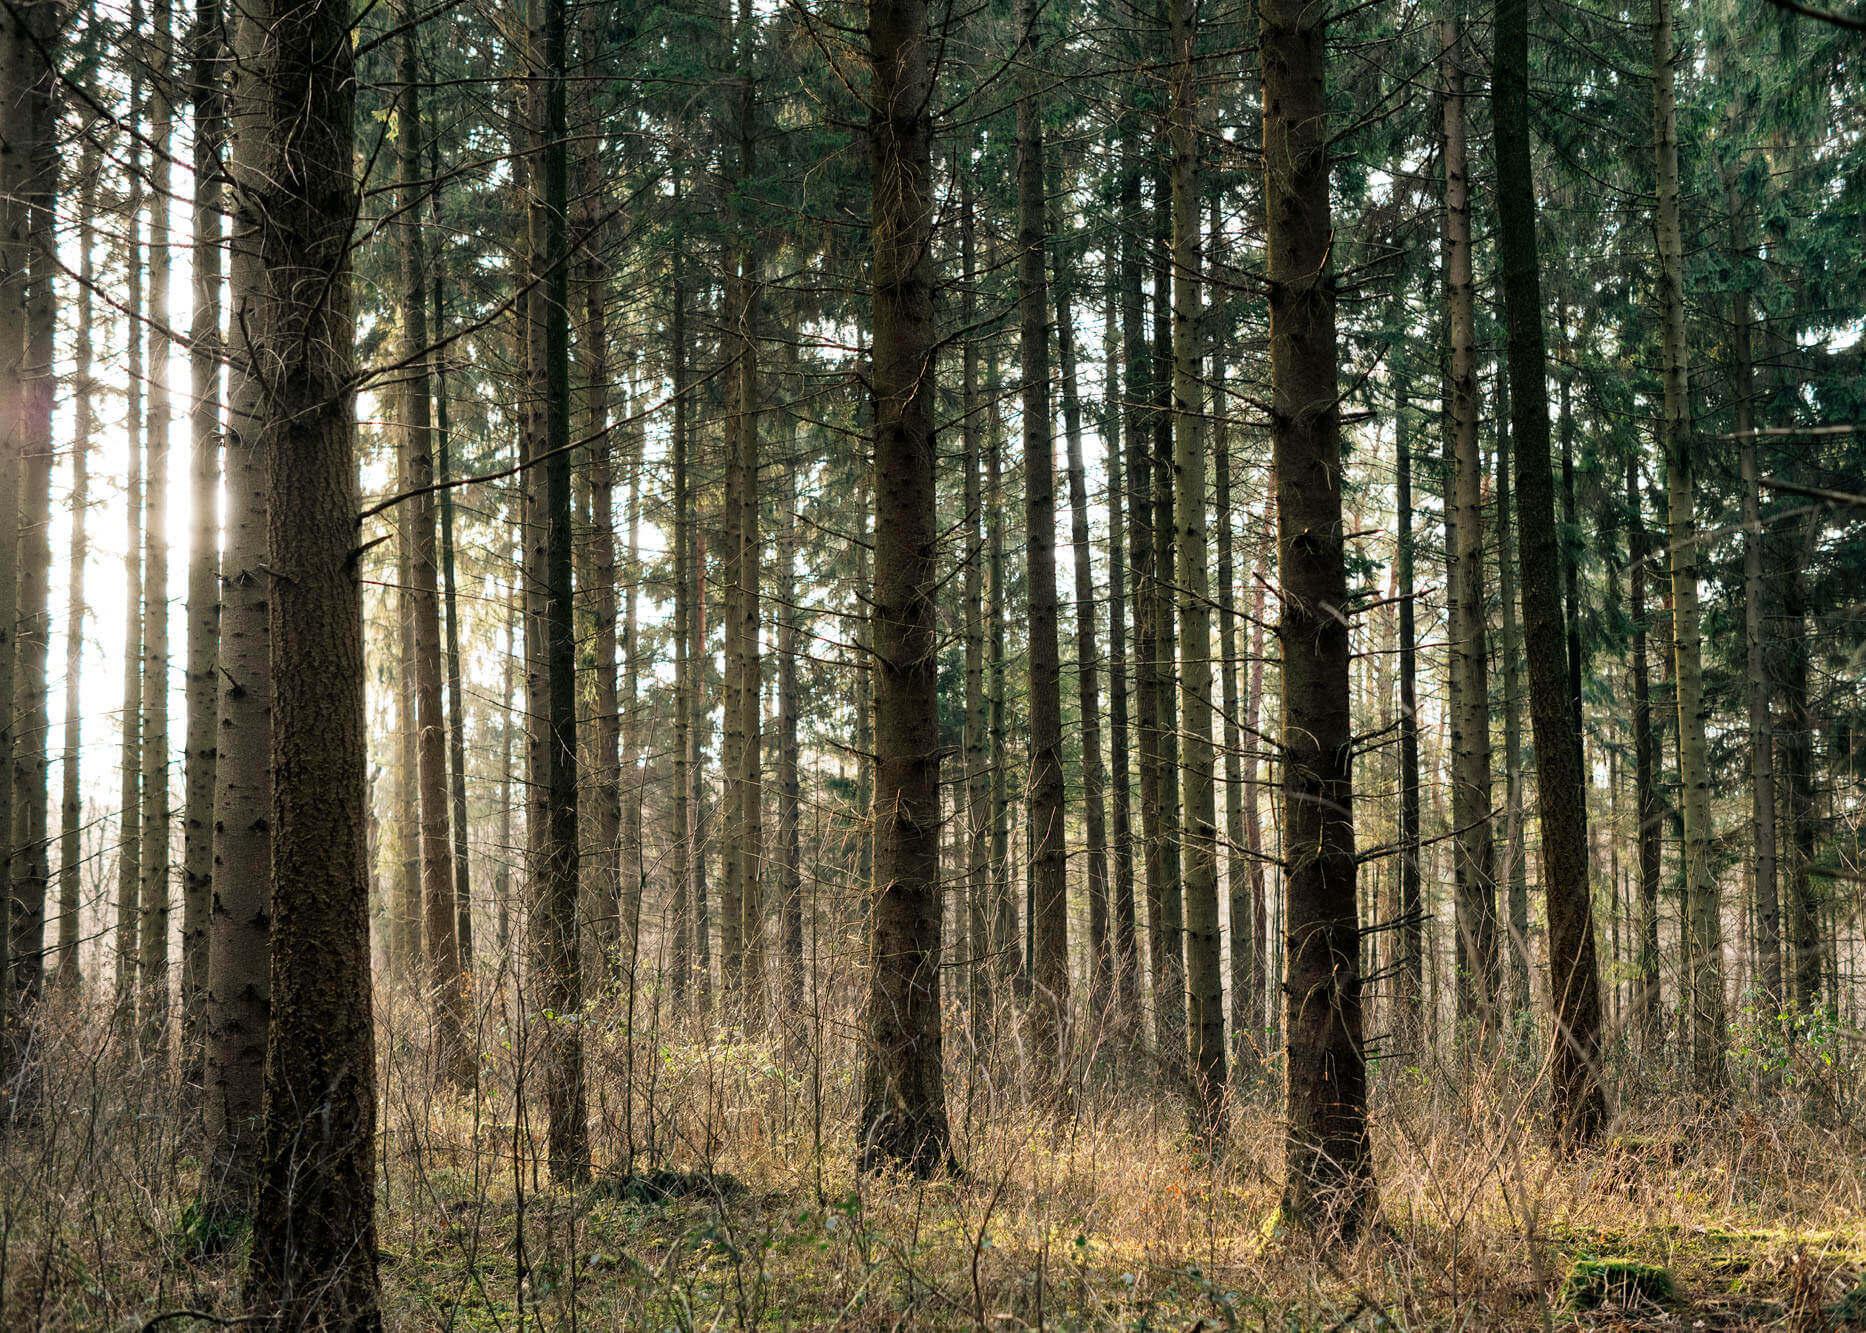 48_20180218_teens_woodlandwonderland_b_101-Kopie_1